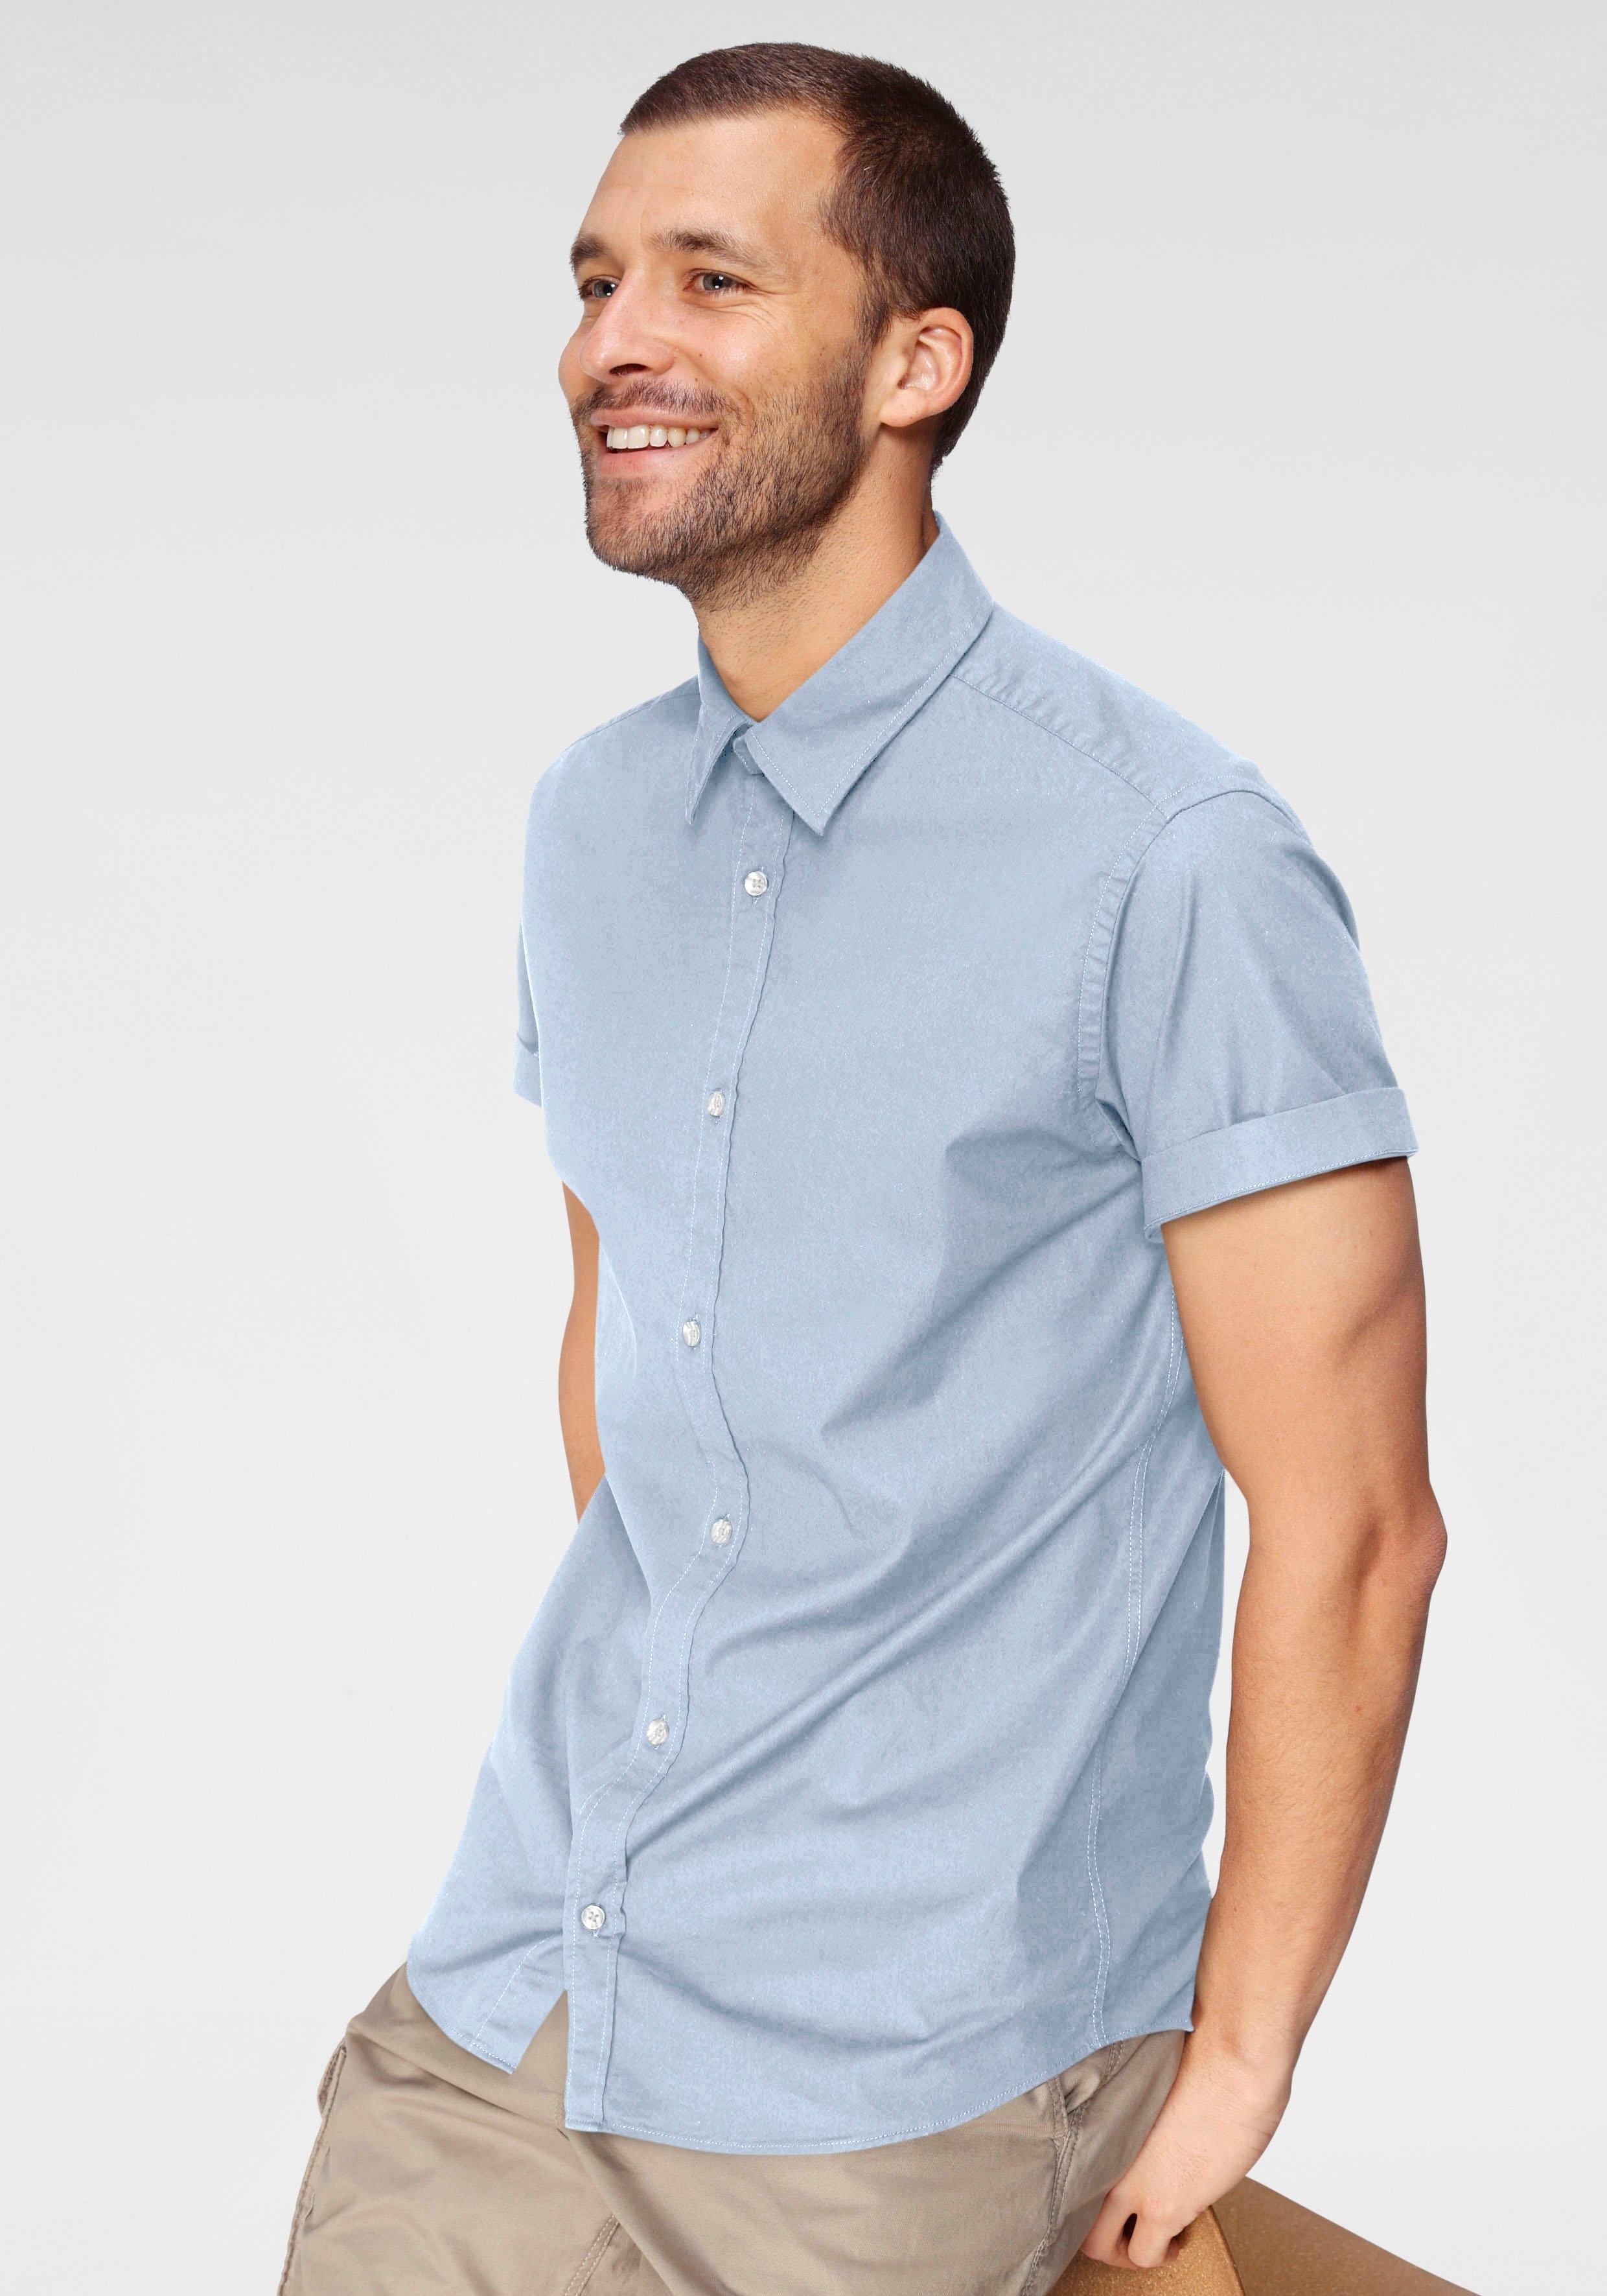 Jack & Jones overhemd met korte mouwen CLINT shirt goedkoop op otto.nl kopen